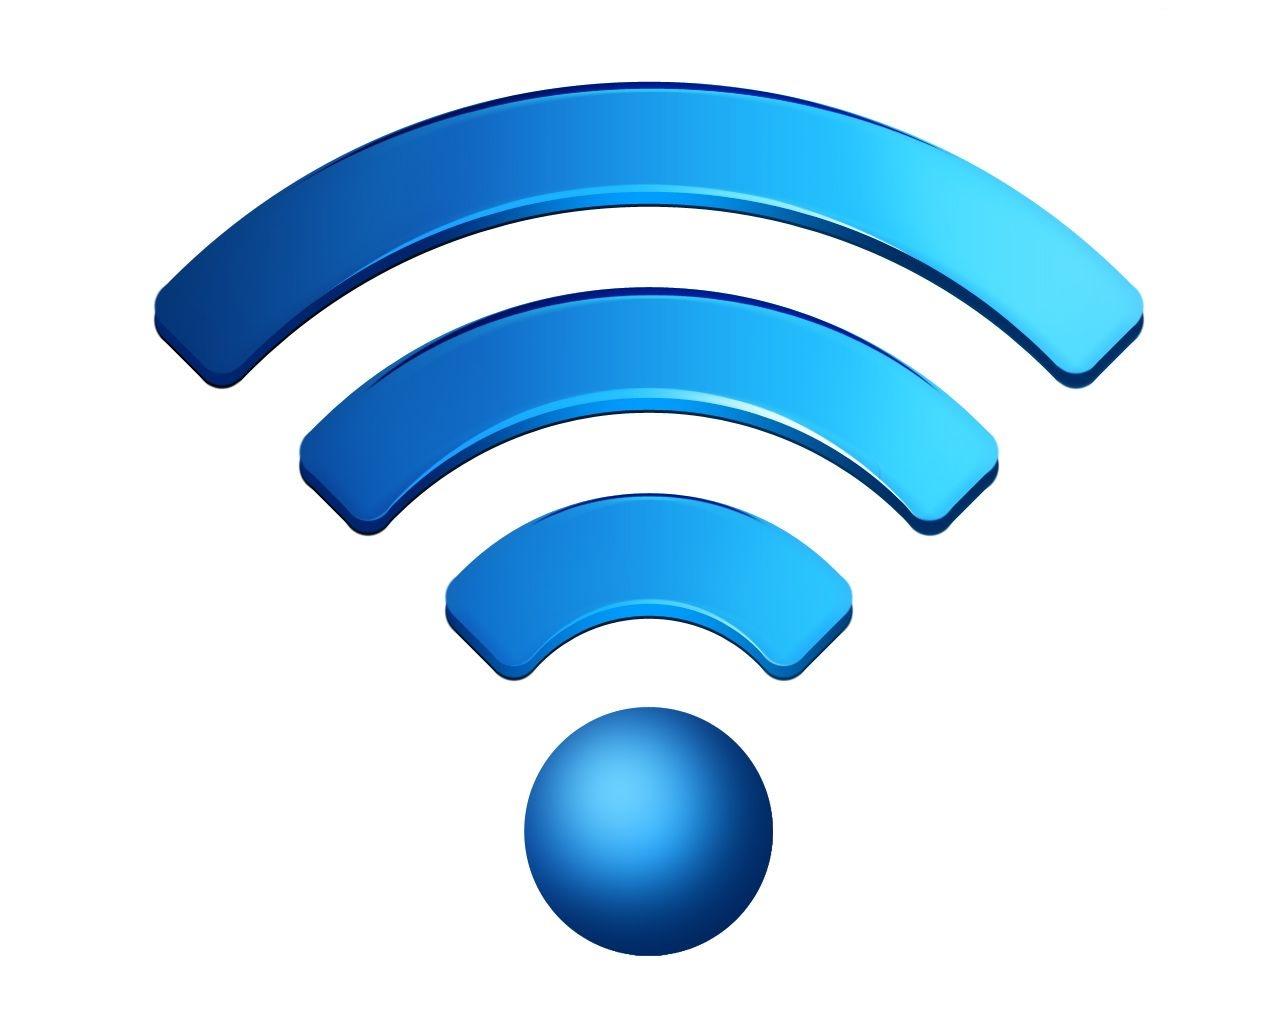 روش های تقویت سیگنال شبکه Wi-Fi